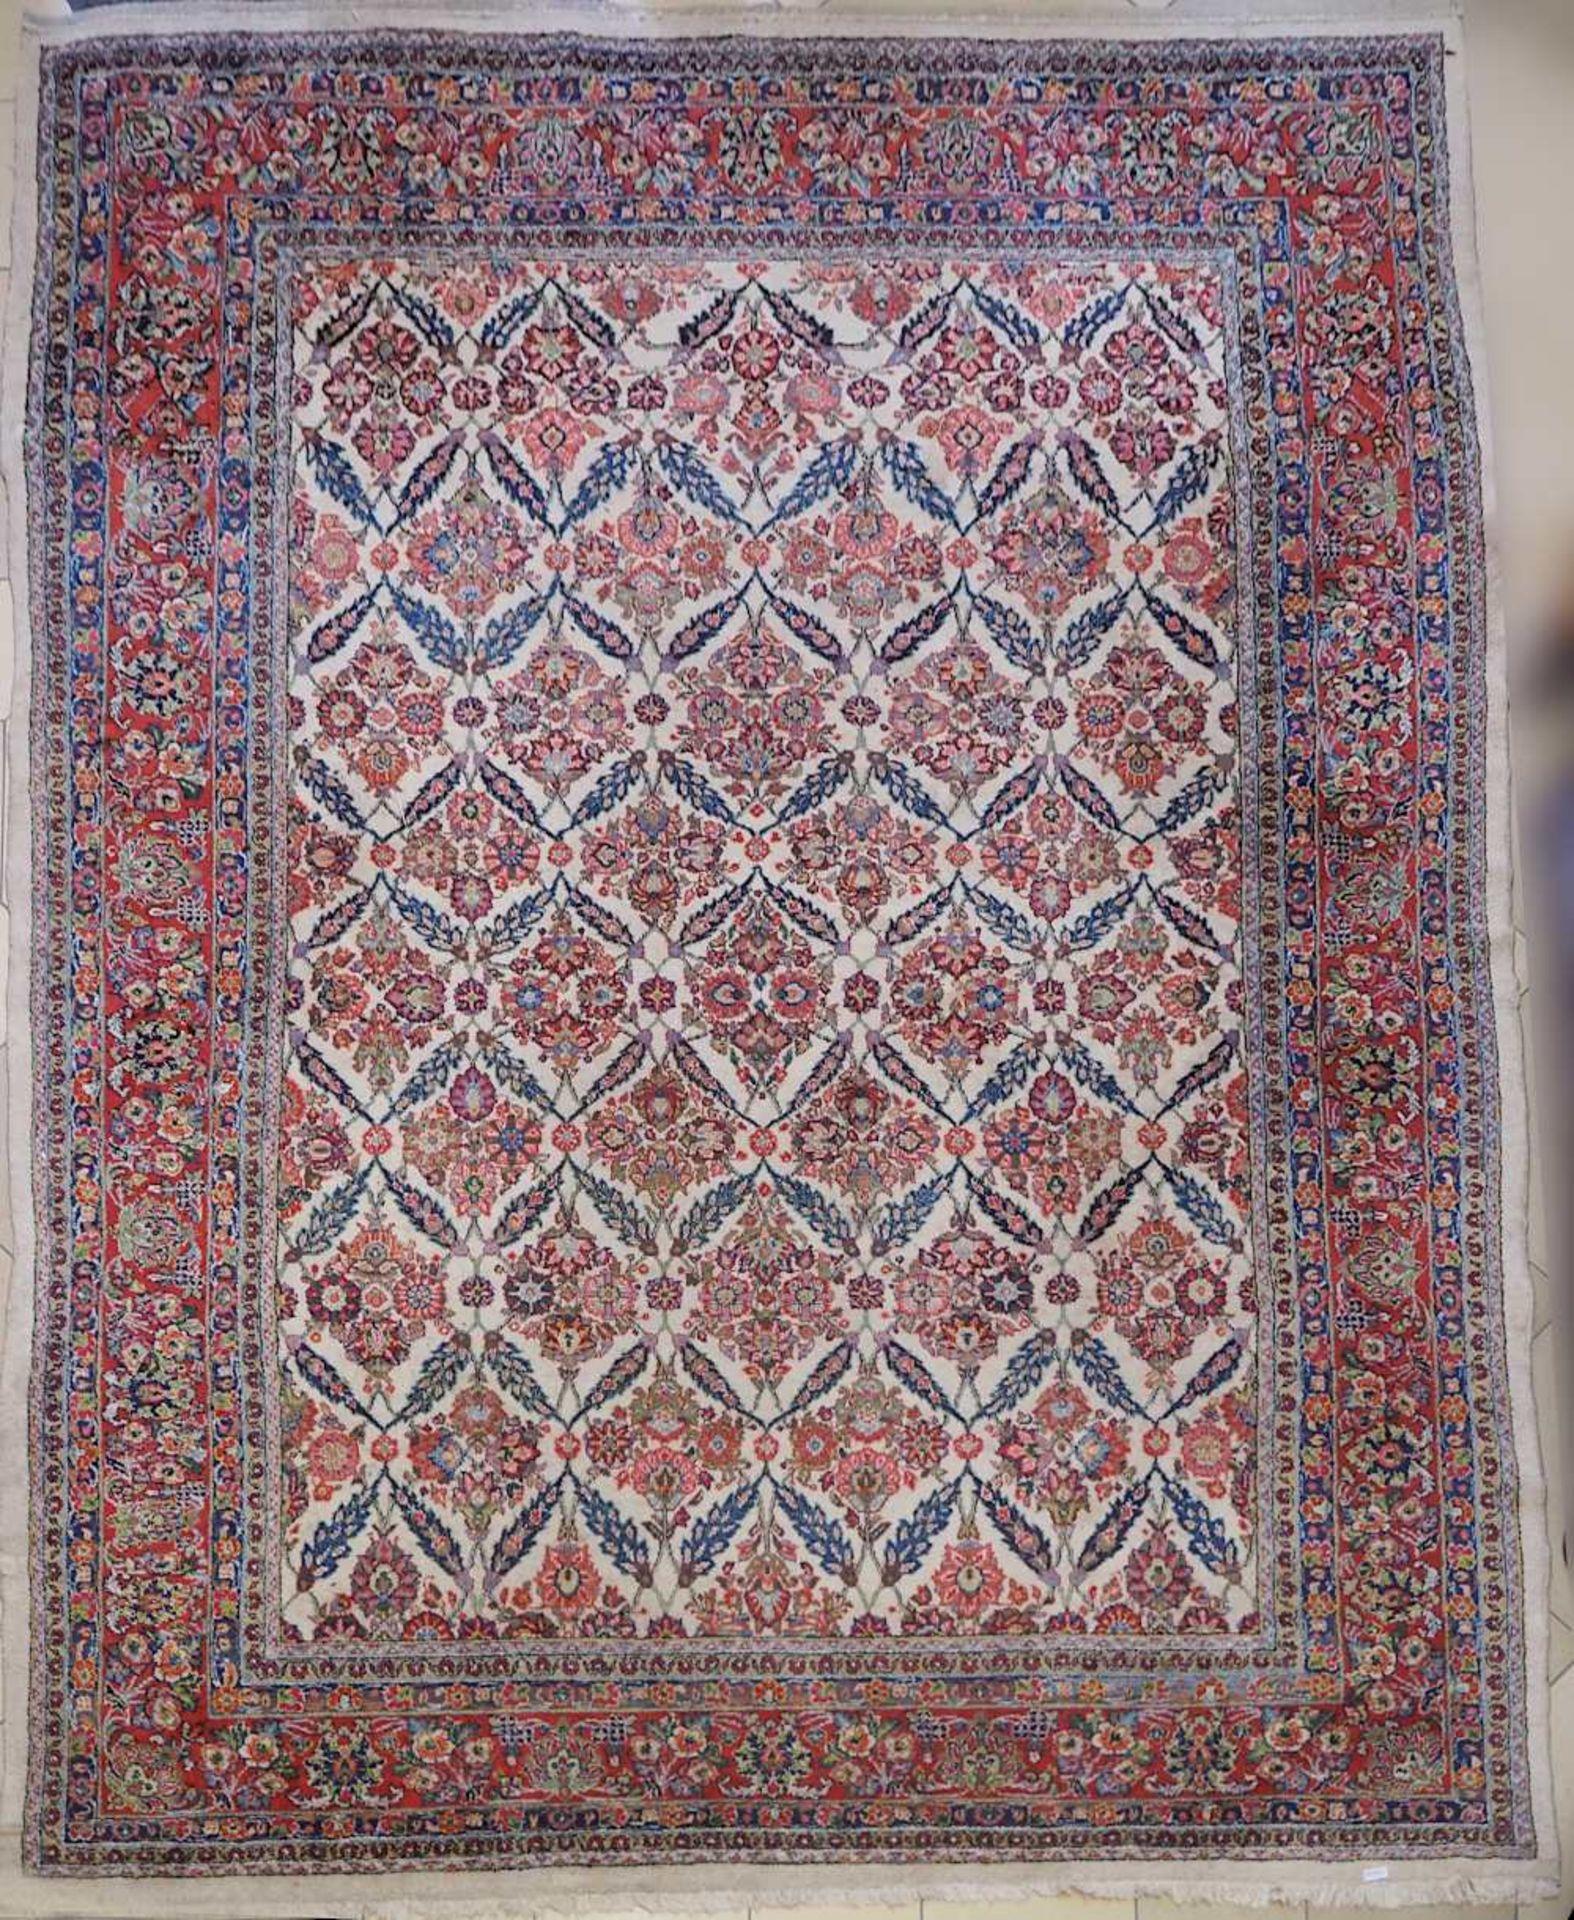 1 Konv. Teppiche 20. Jh.: Mittelfeld beigegrundig, Randbordüre rotgrundig, je florale - Bild 7 aus 7